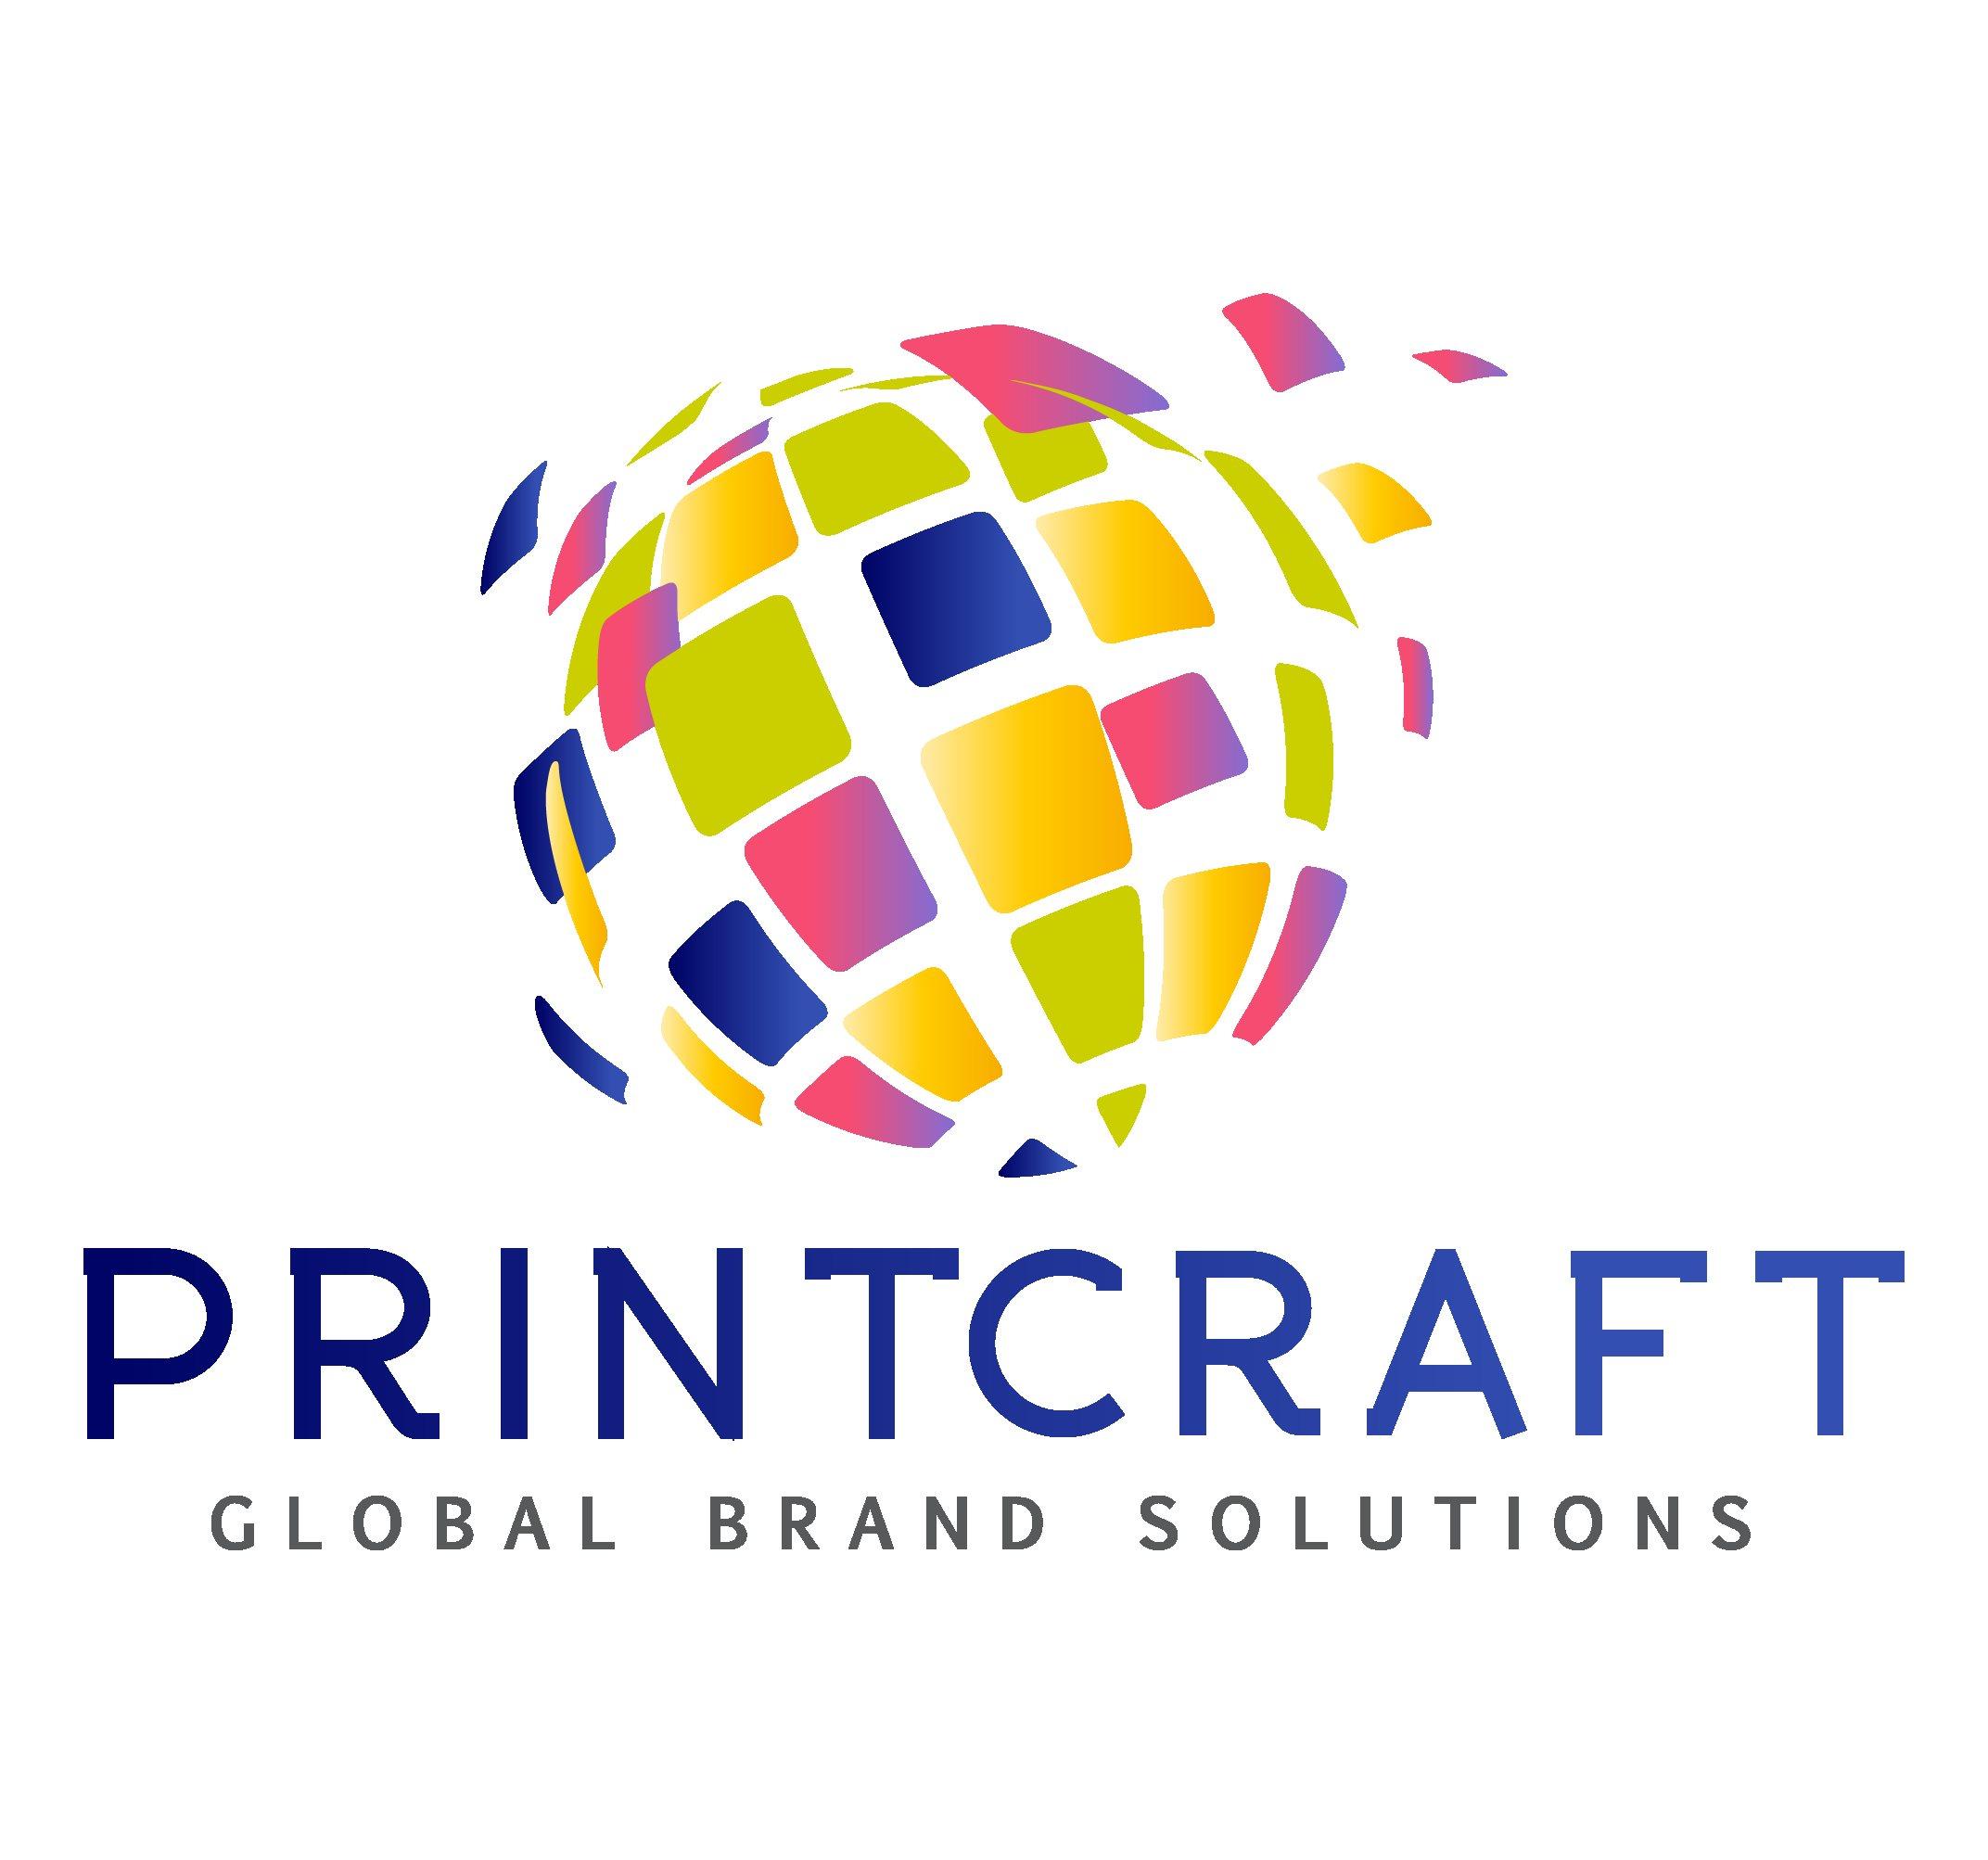 Printcraft Central America S.A de C.V